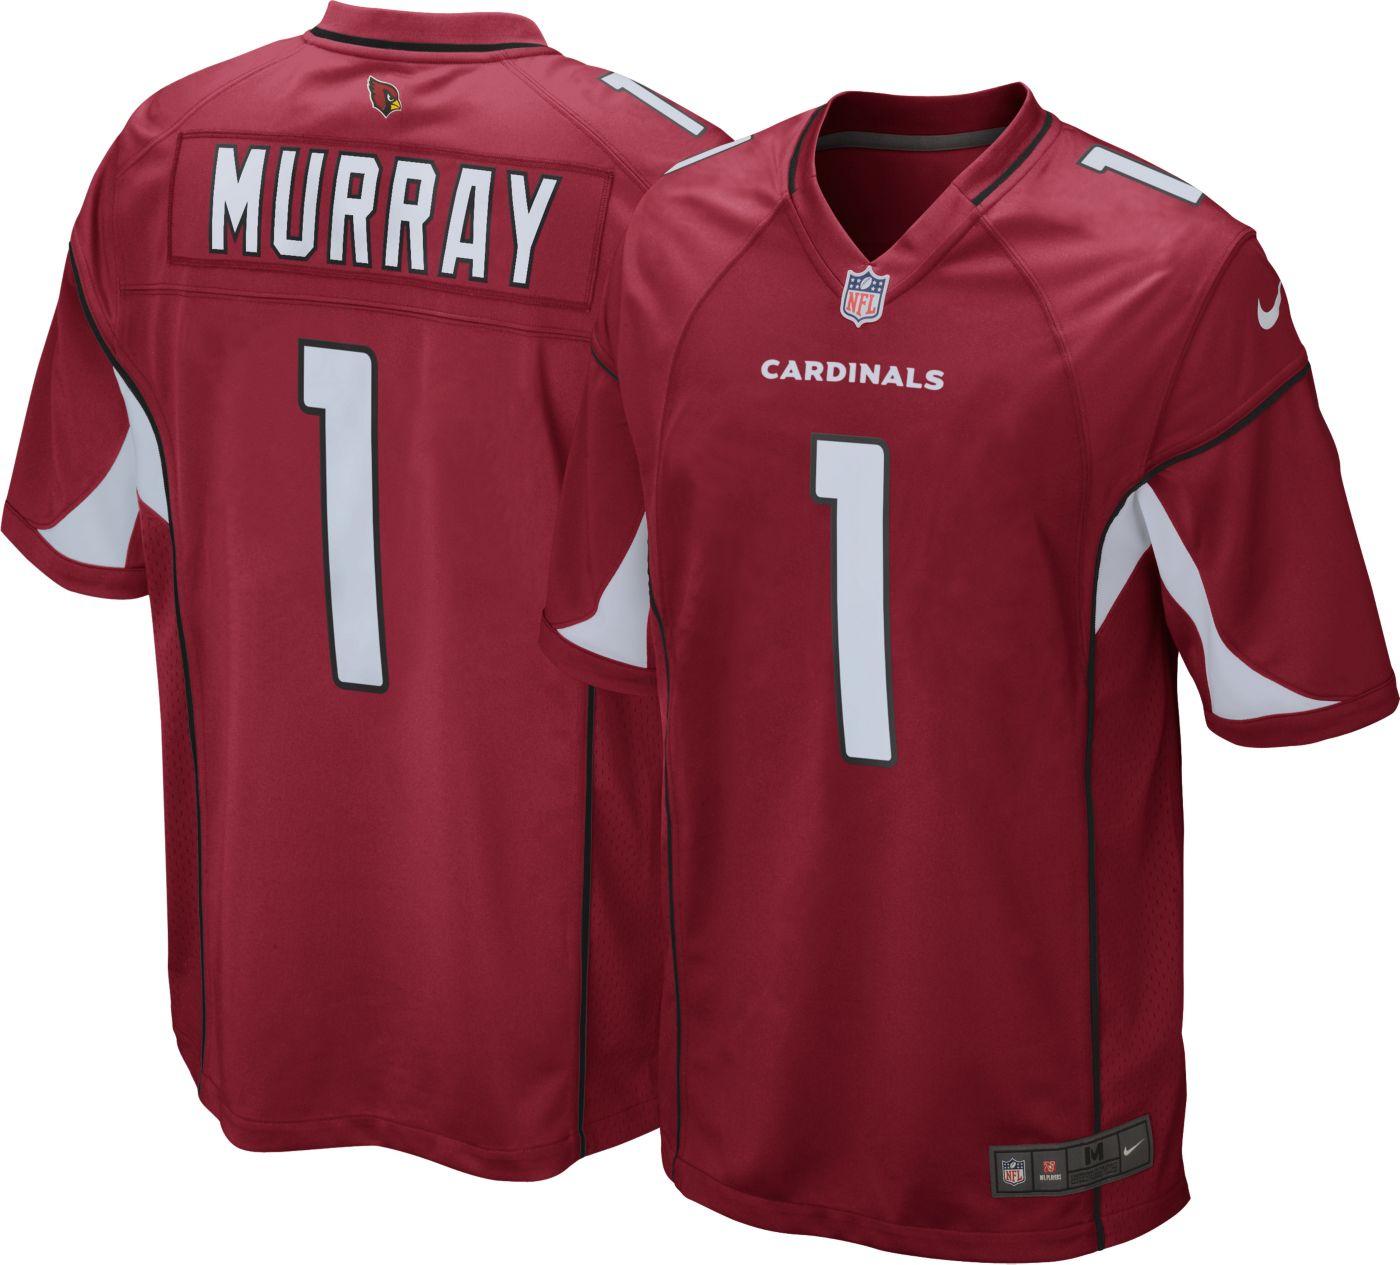 Kyler Murray #1 Nike Men's Arizona Cardinals Home Game Jersey